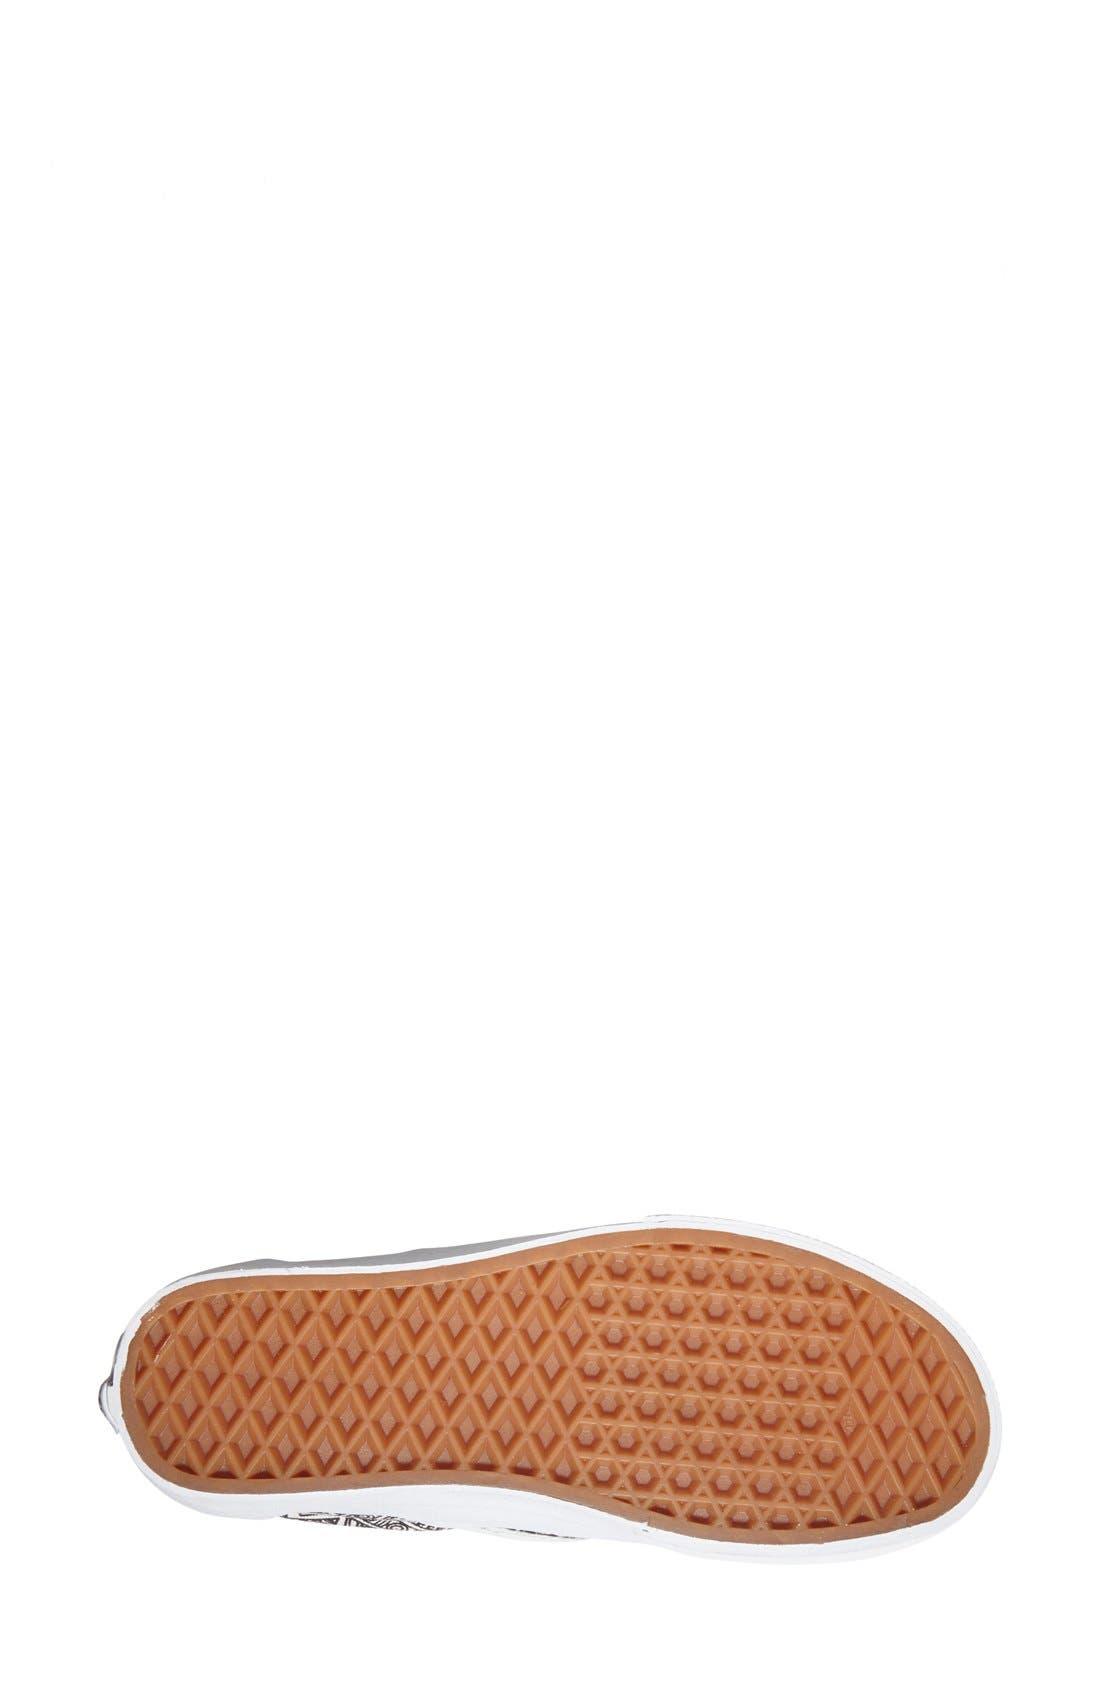 Alternate Image 4  - Vans 'Classic - Zio Ziegler' Slip-On Sneaker (Women)